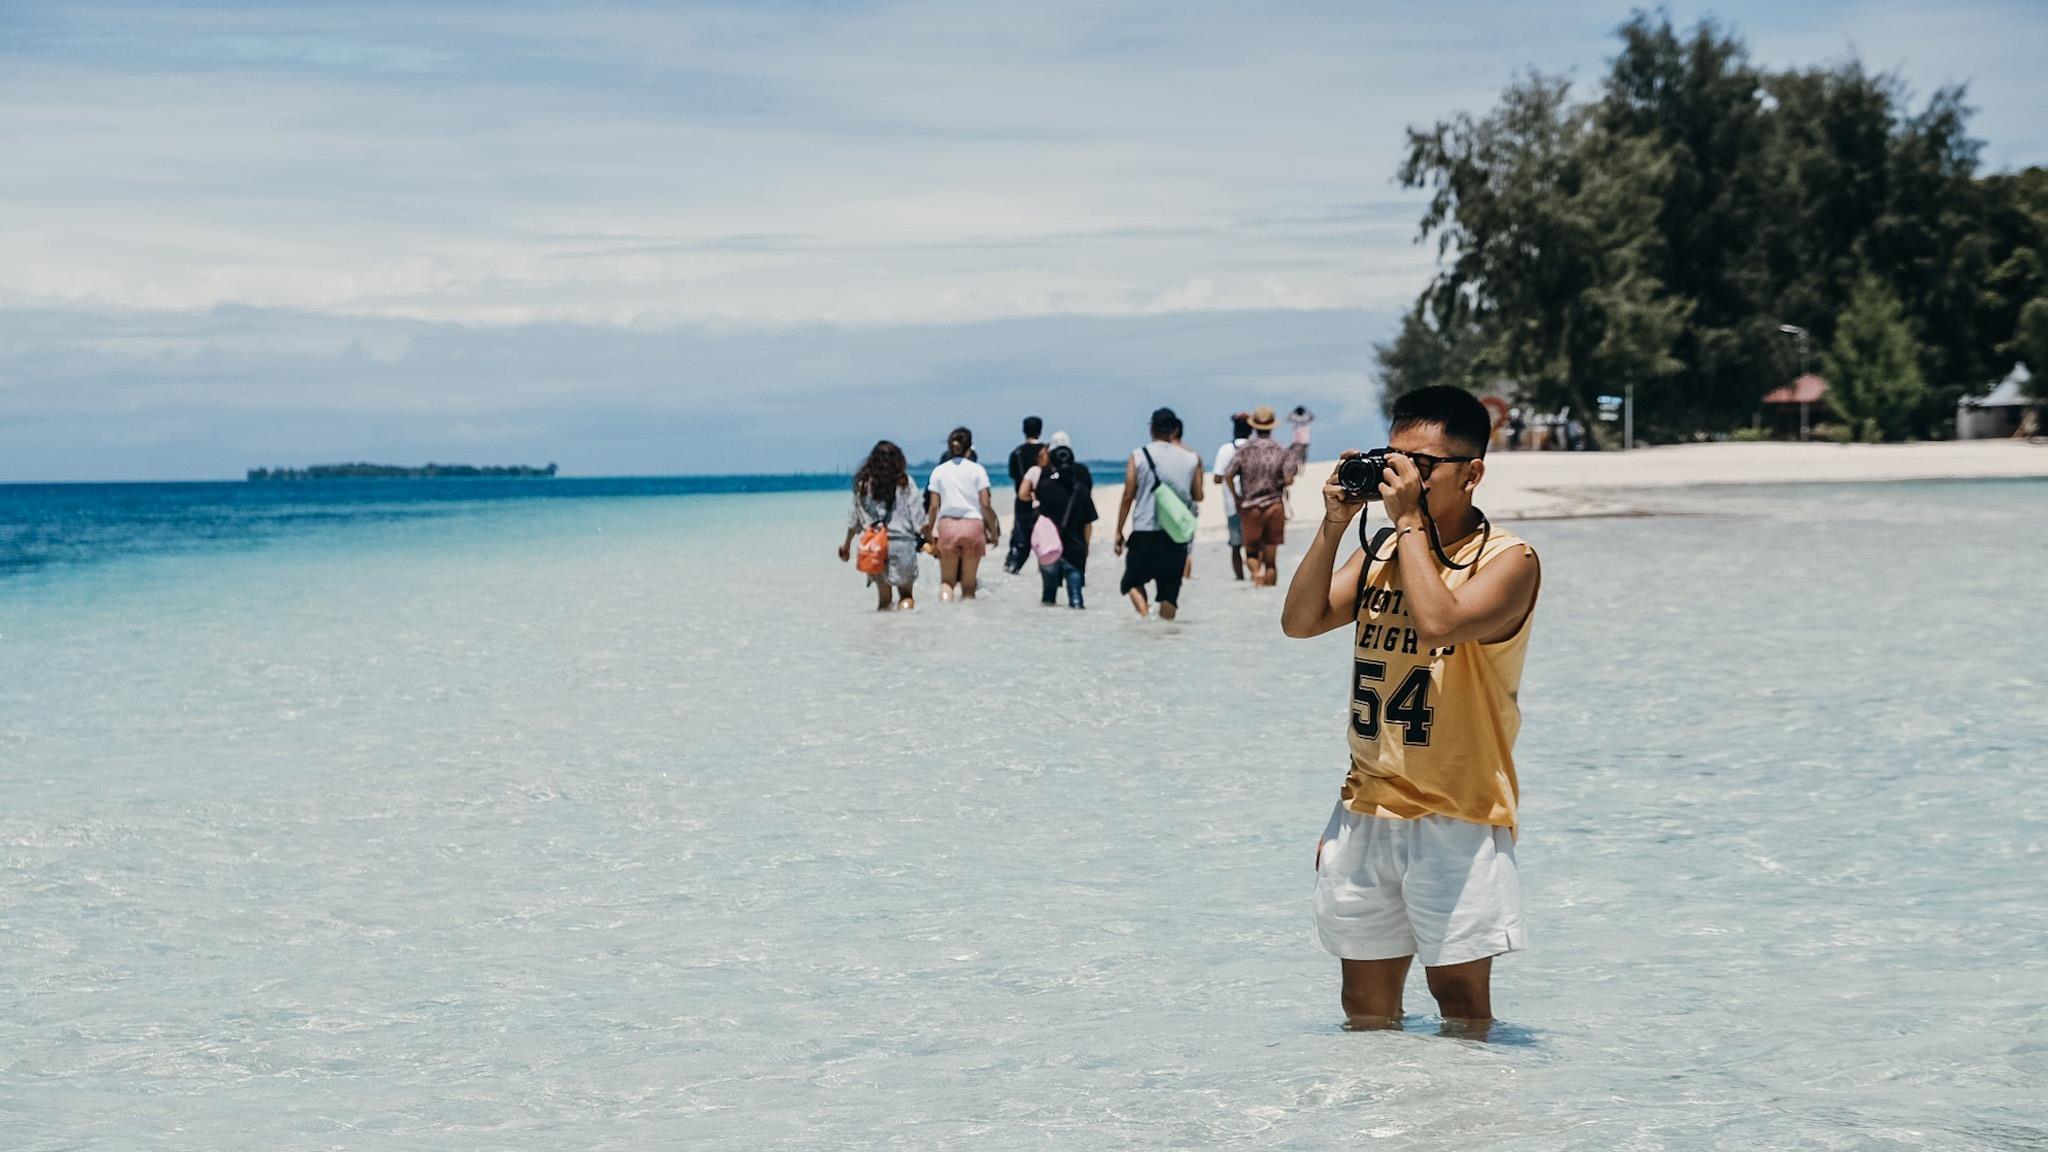 Dao Morotai, thien duong bien sap 'soan ngoi' Bali o Indonesia hinh anh 11